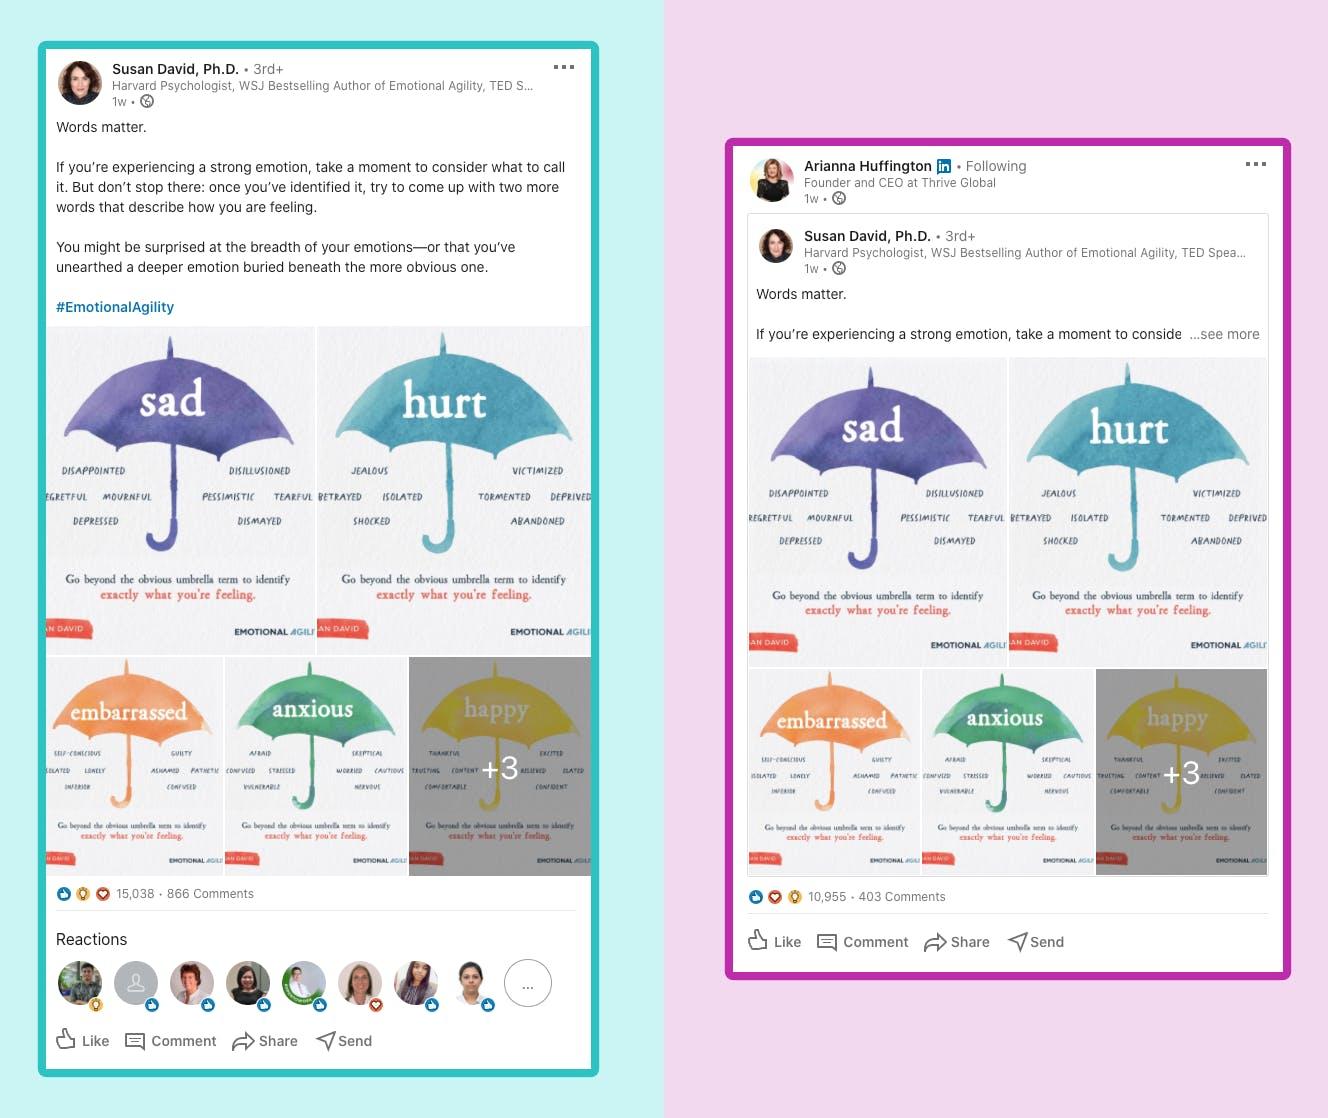 Vous pouvez voir deux screenshots de conversation sur Linked In.